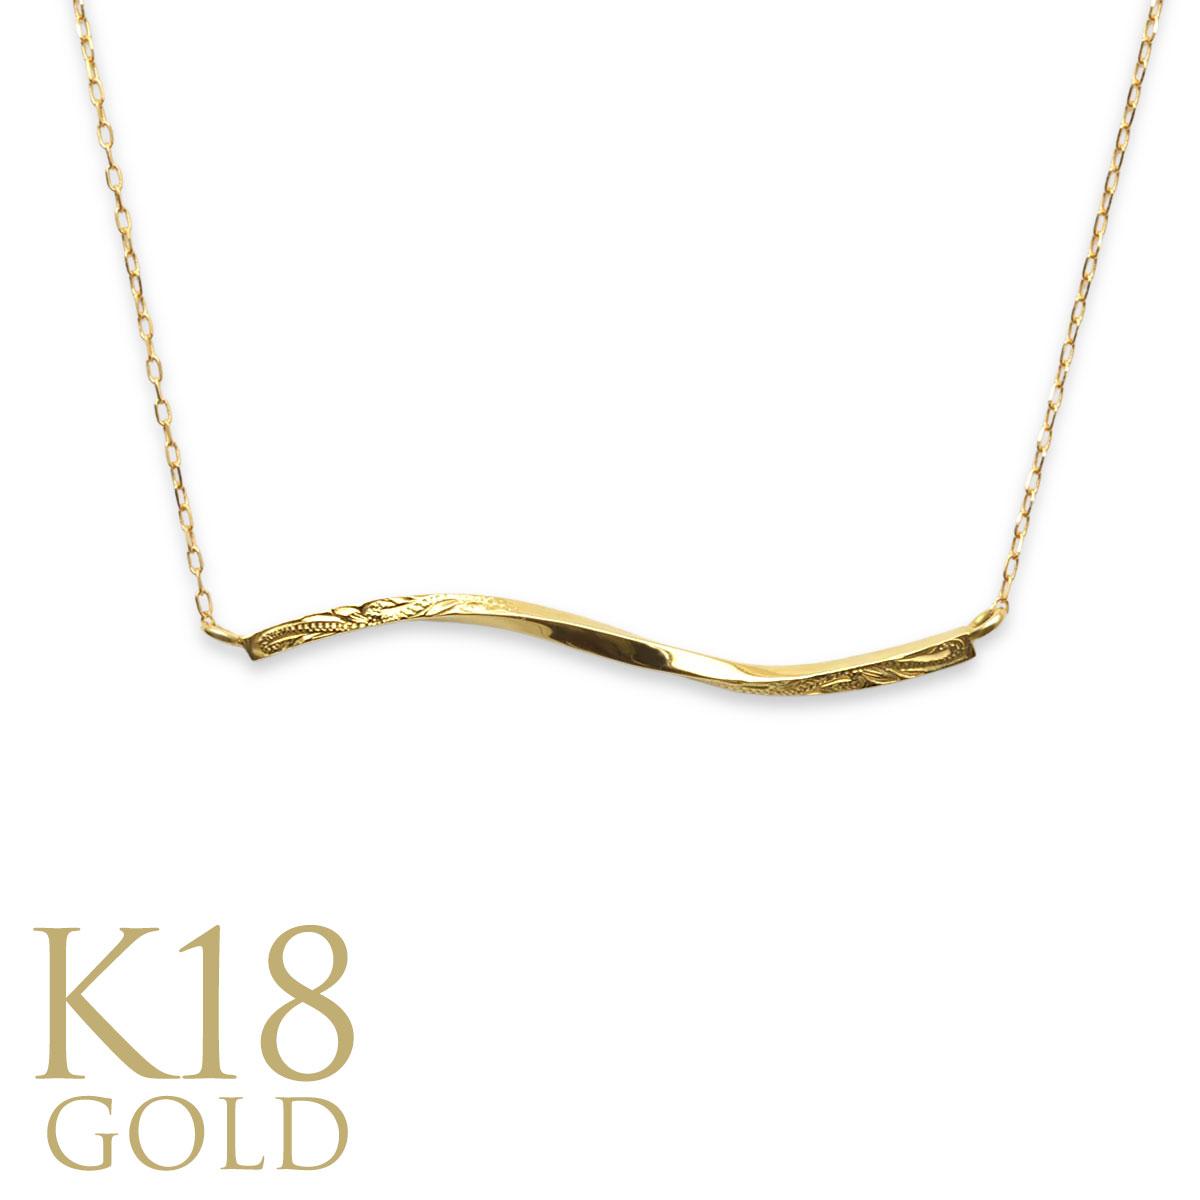 ハワイアンジュエリー ネックレス K18ゴールド 18金 カナニ ゴールド バーネックレス /新作 ane1630ae